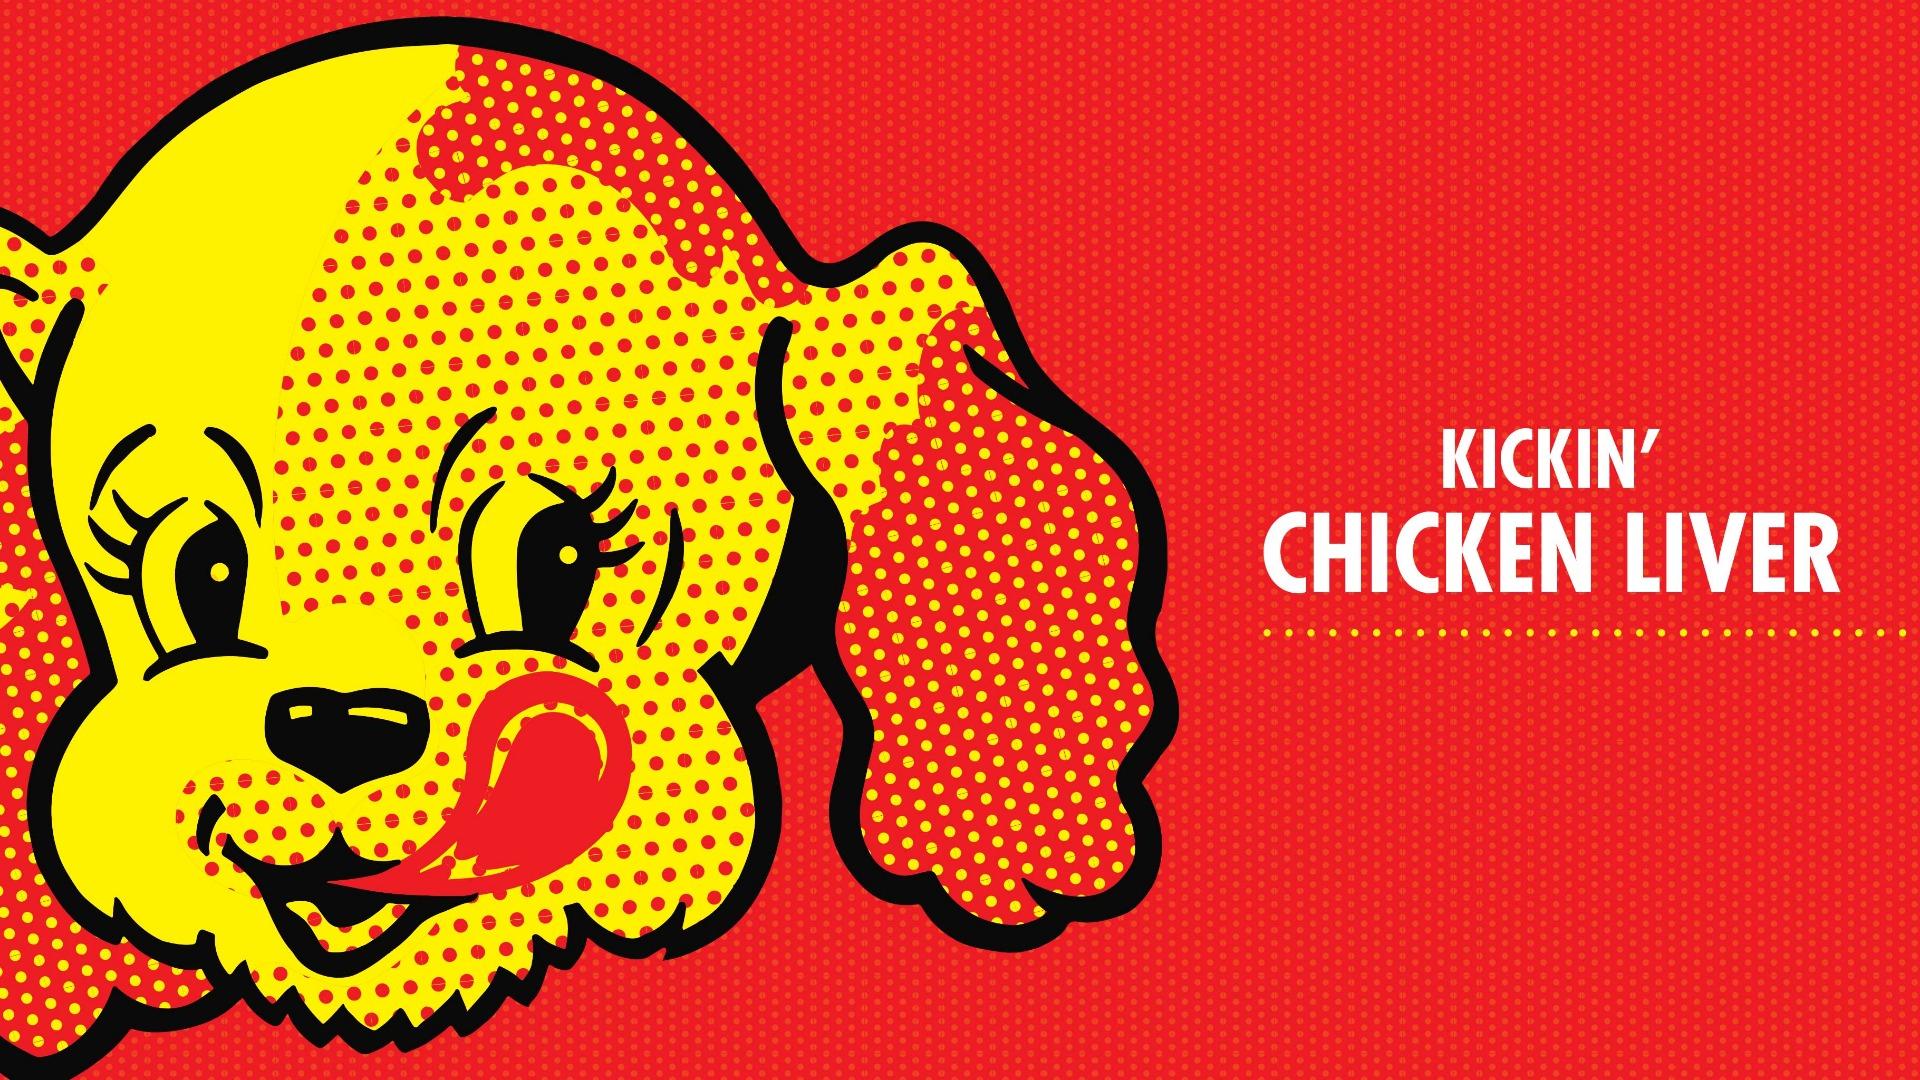 popetts-dog-treat-chicken-liver-header